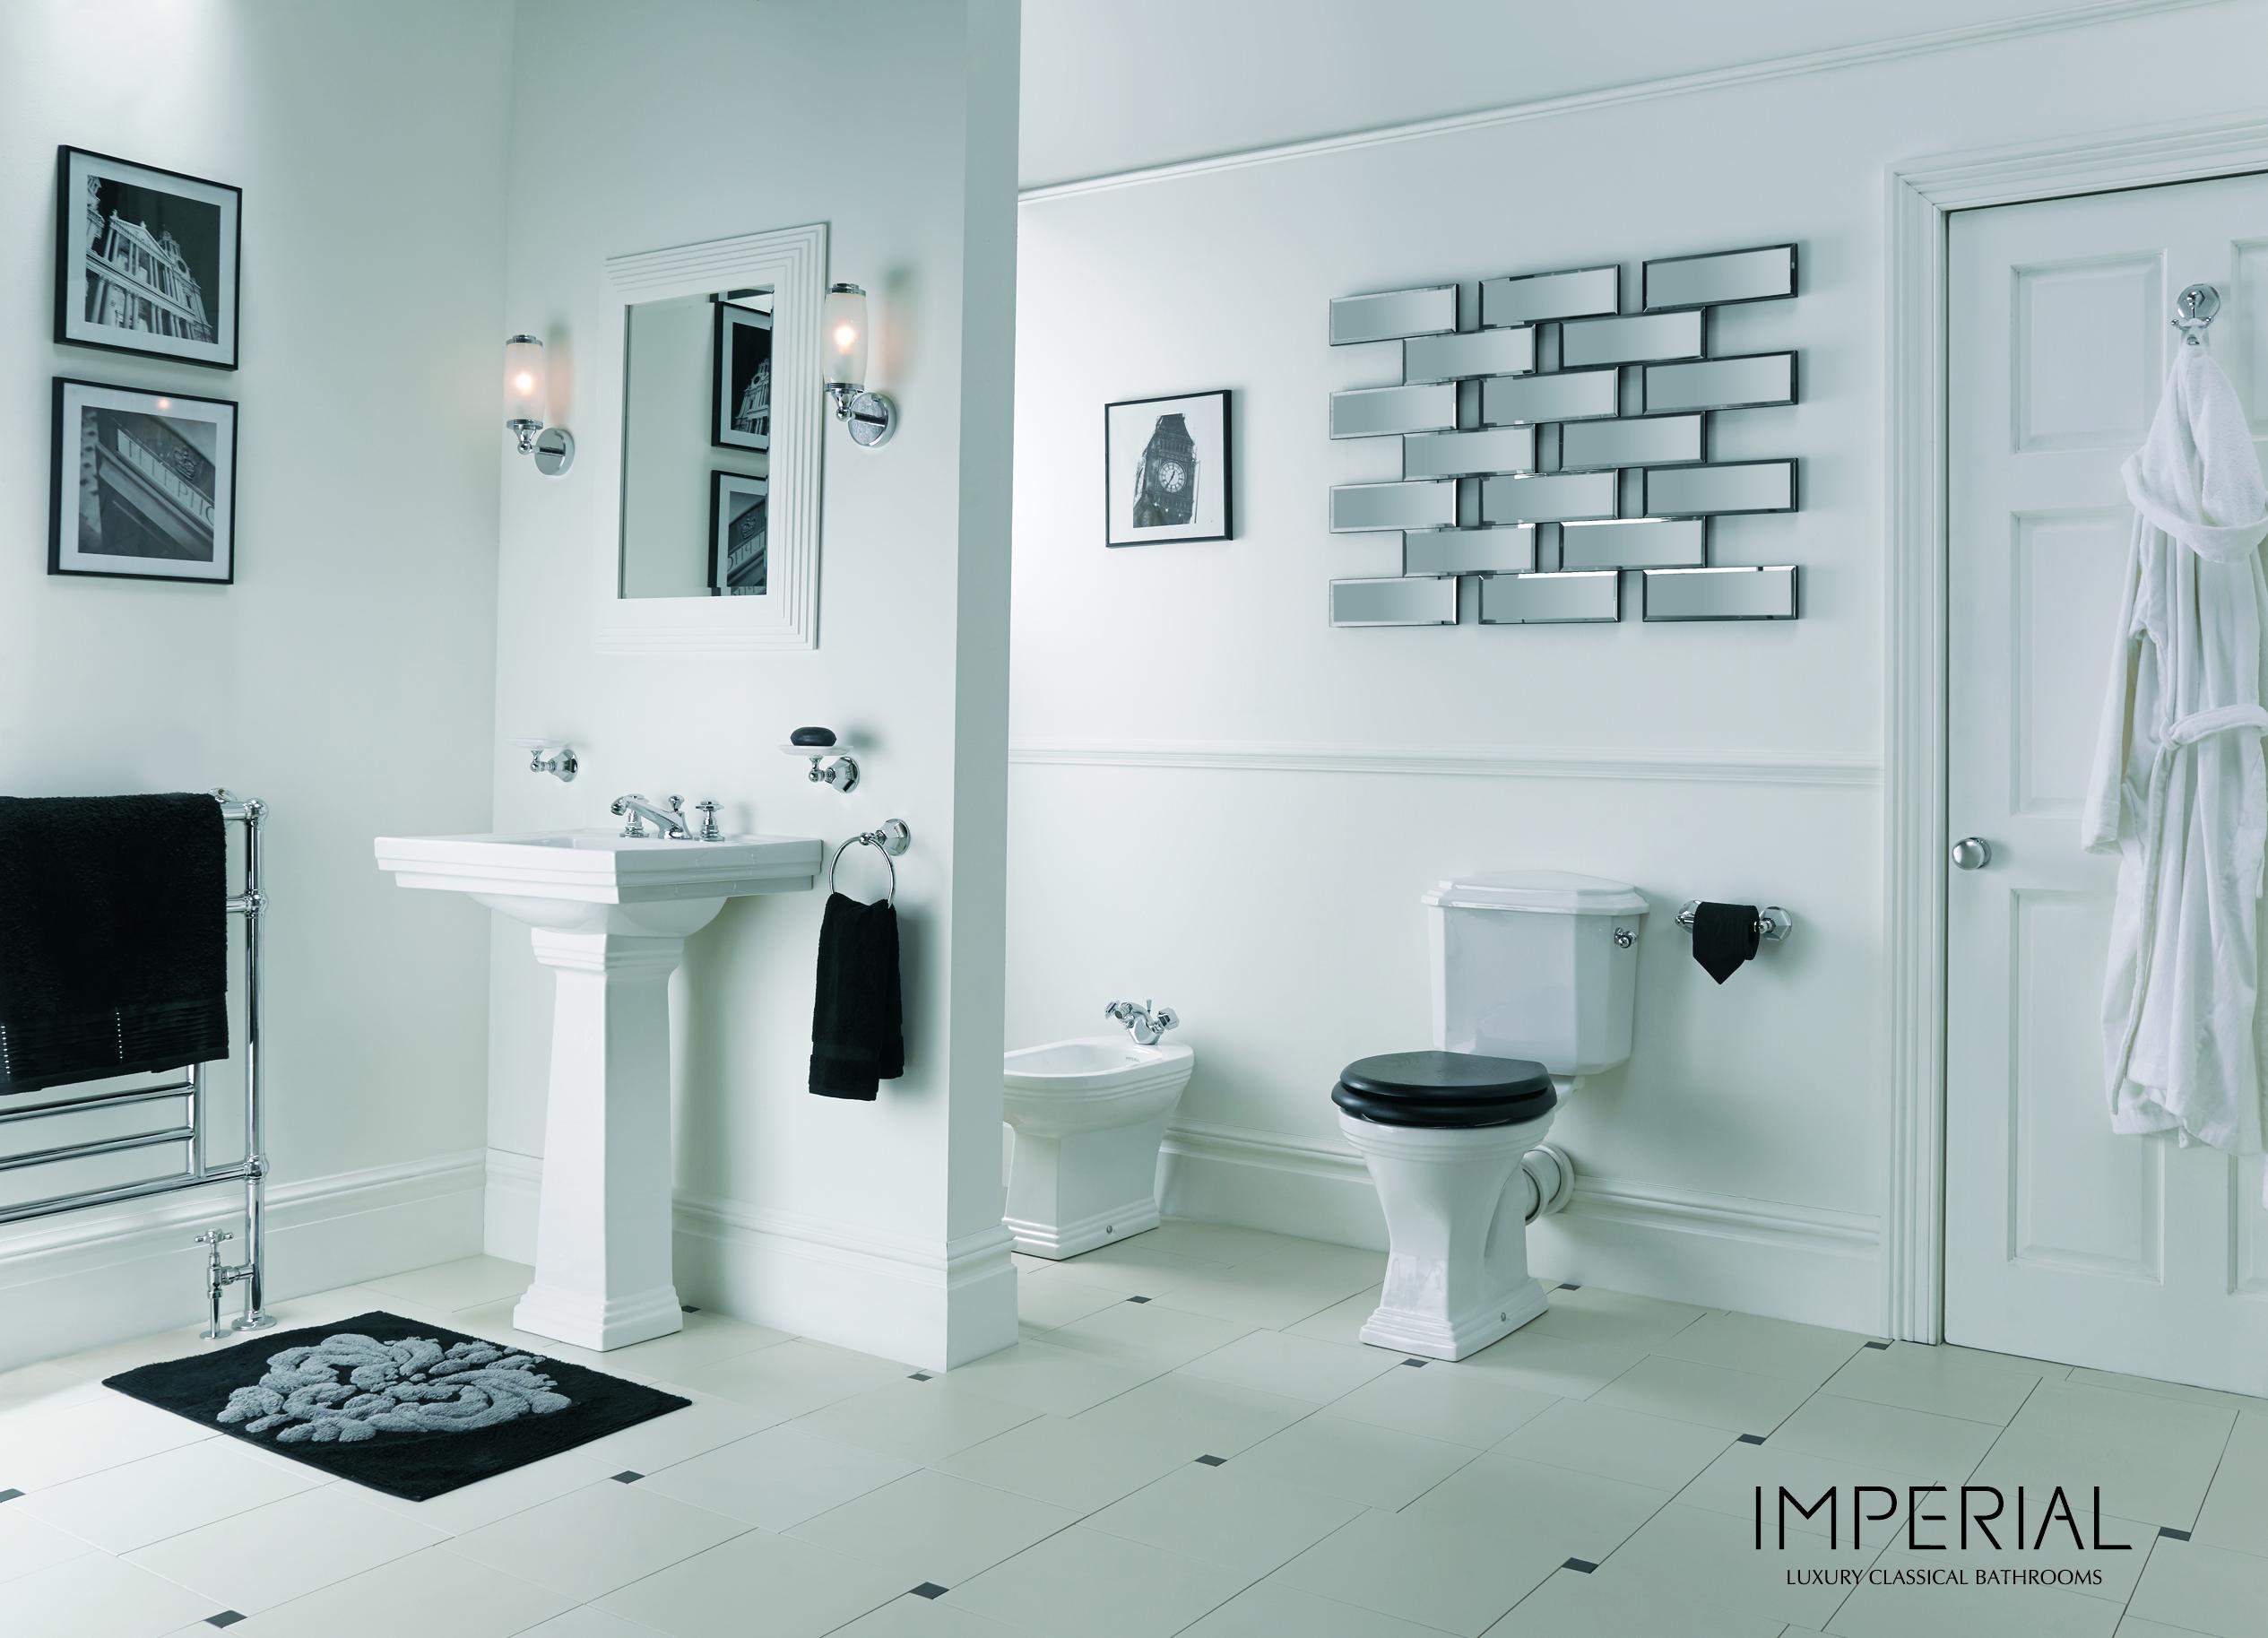 Imperial bathrooms badexclusief luxe klassiek sanitair.